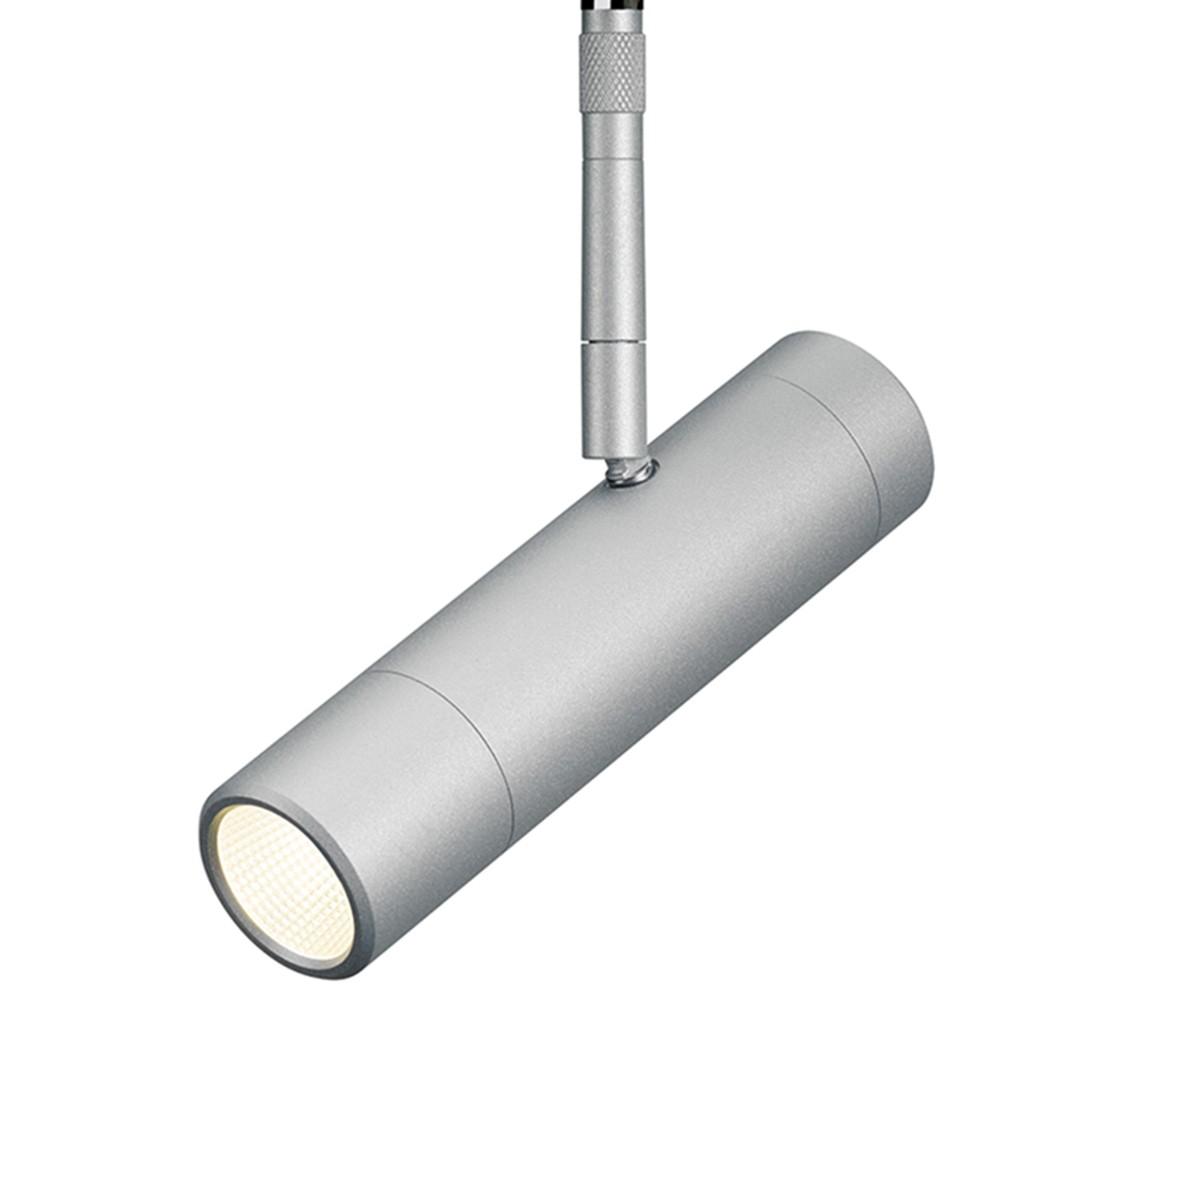 Oligo PHASE Sentry Pro LED Strahler, 2700 K, Chrom matt